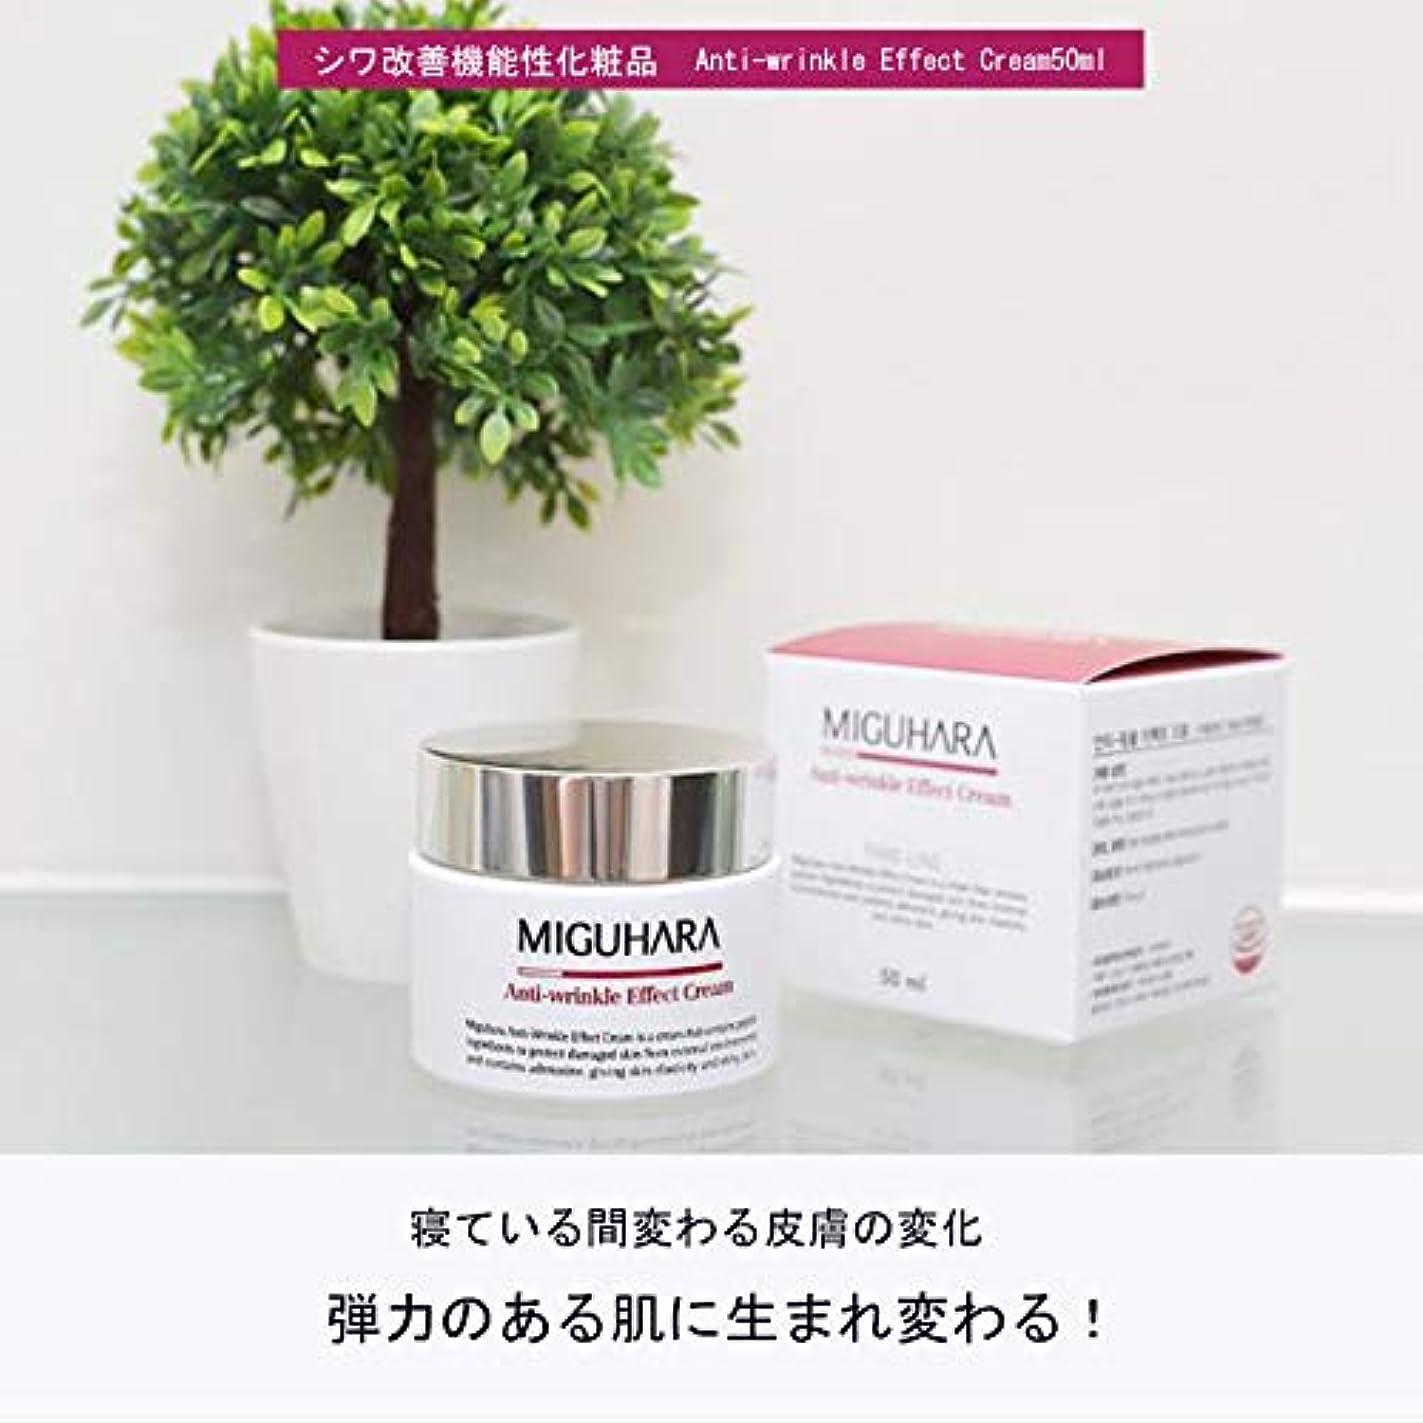 雄弁家夕暮れ当社MIGUHARA アンチ-リンクルエフェクトクリーム 50ml / Anti-wrinkle Effect Cream 50ml